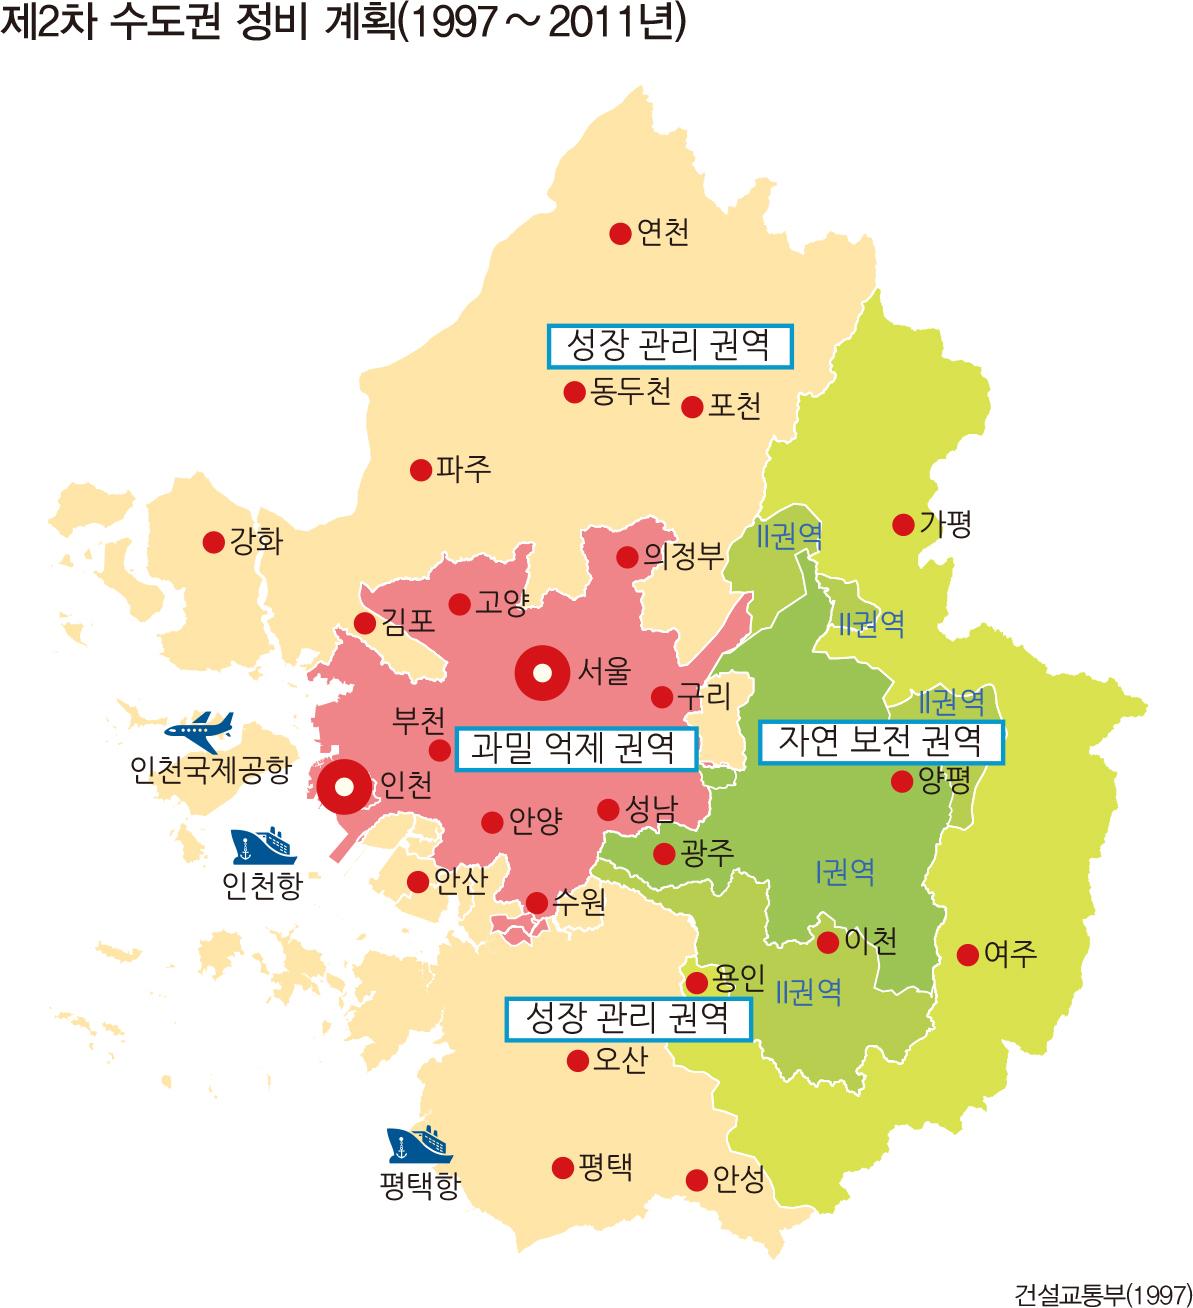 제2차 수도권 정비 계획(1997 ~ 2011년)